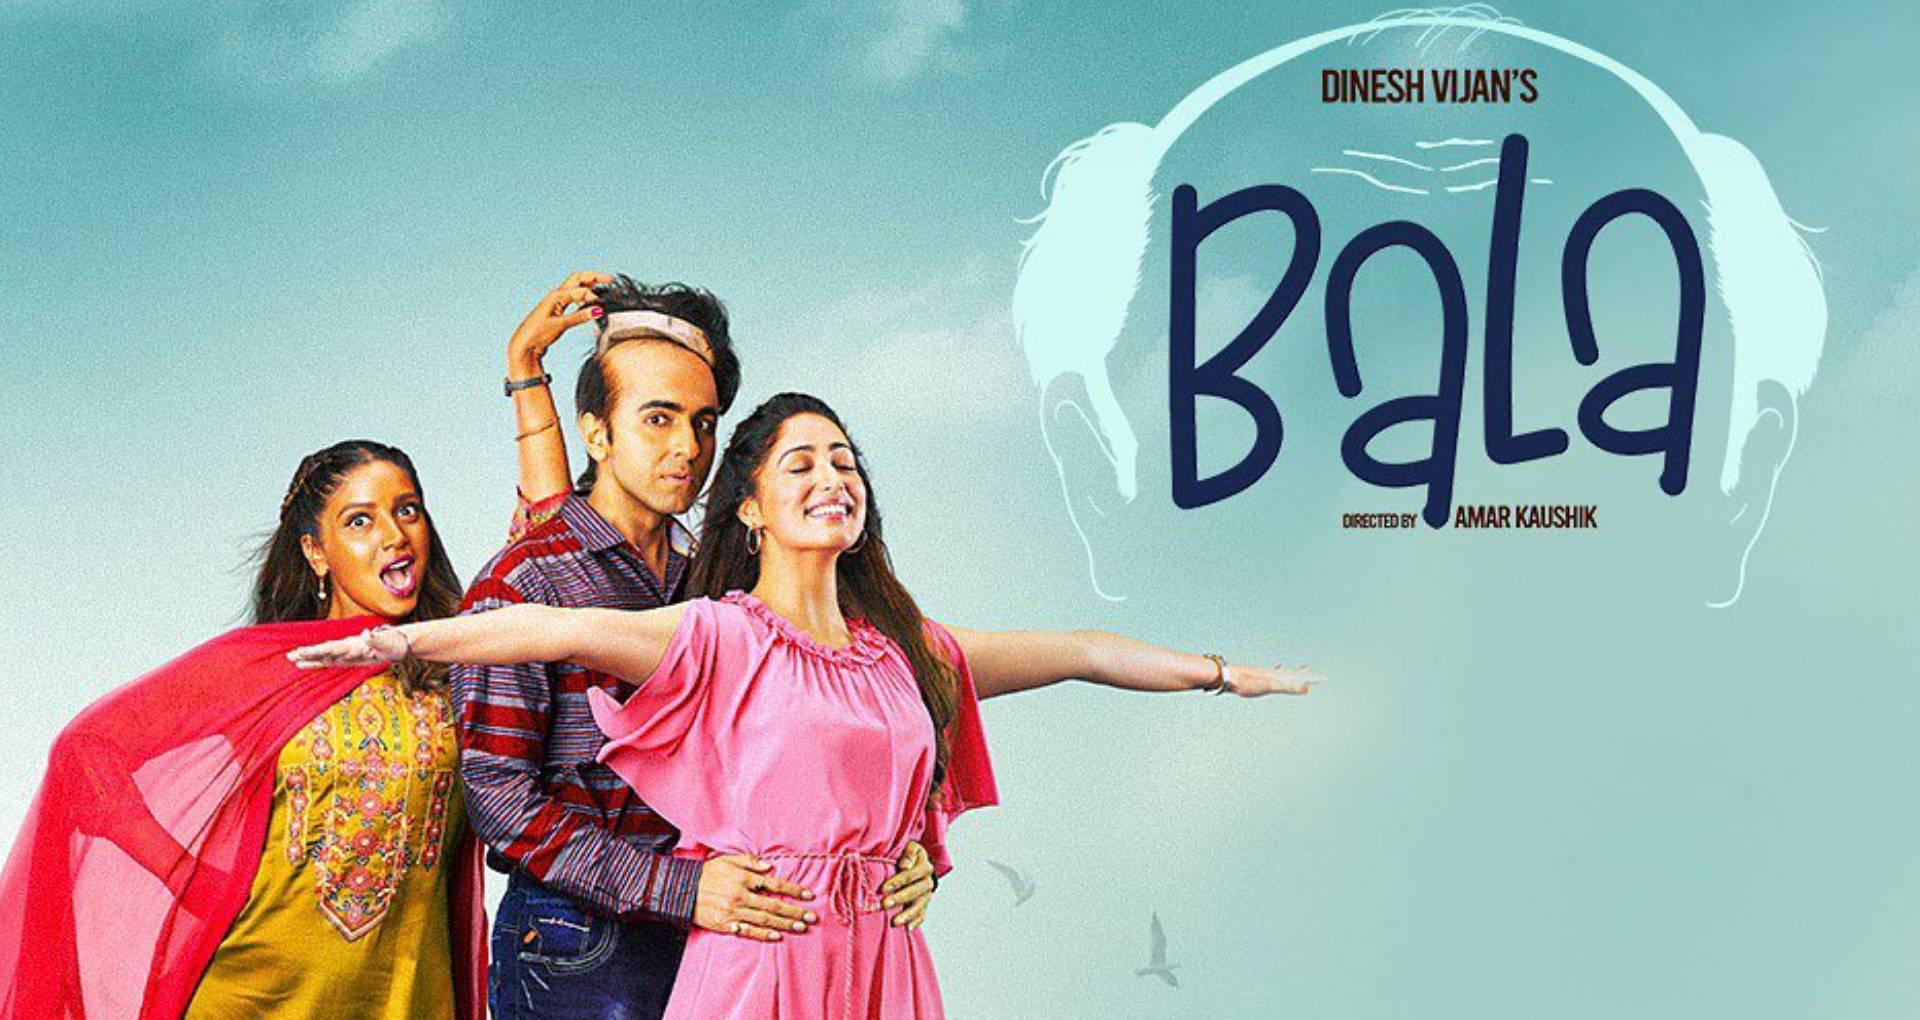 Bala Box Office Collection: आयुष्मान खुराना की बाला ने तोड़े कई रिकॉर्ड, फिल्म ने 2 दिन में की इतनी कमाई